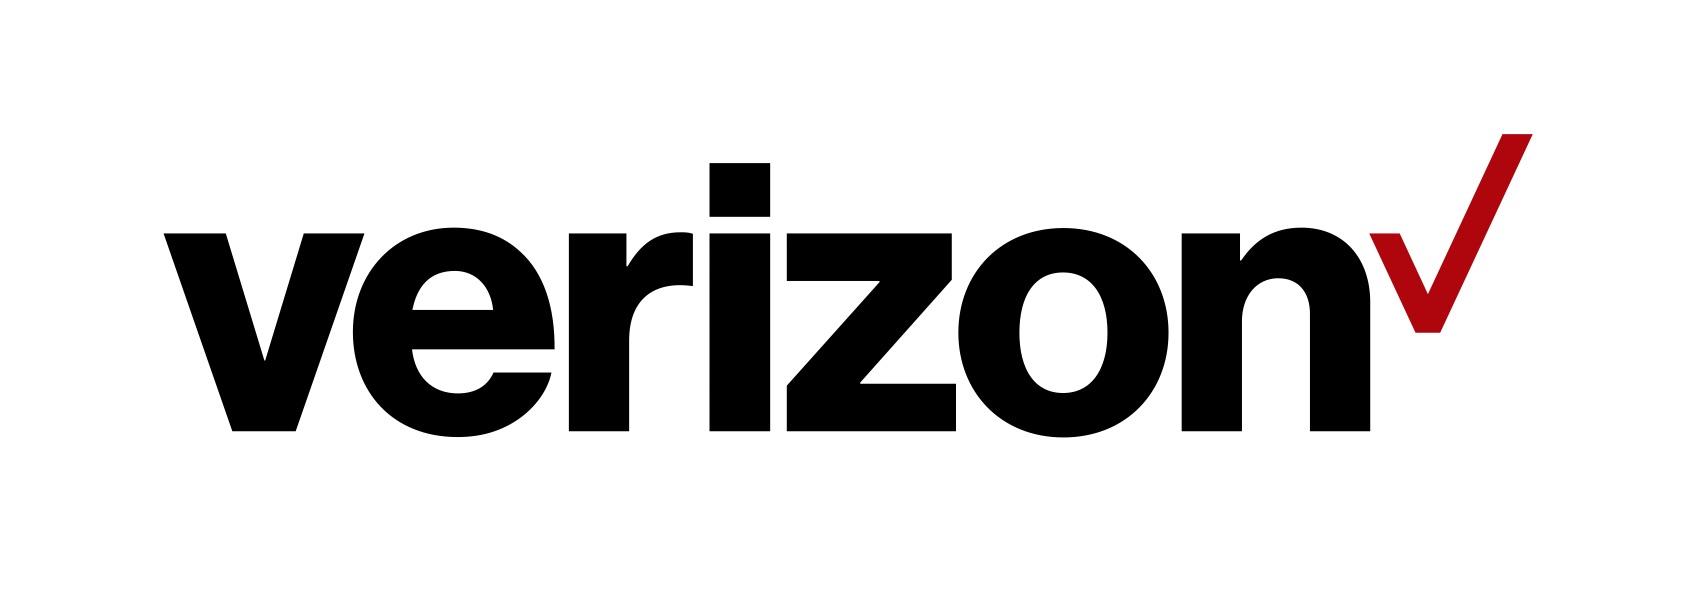 Verizon2017